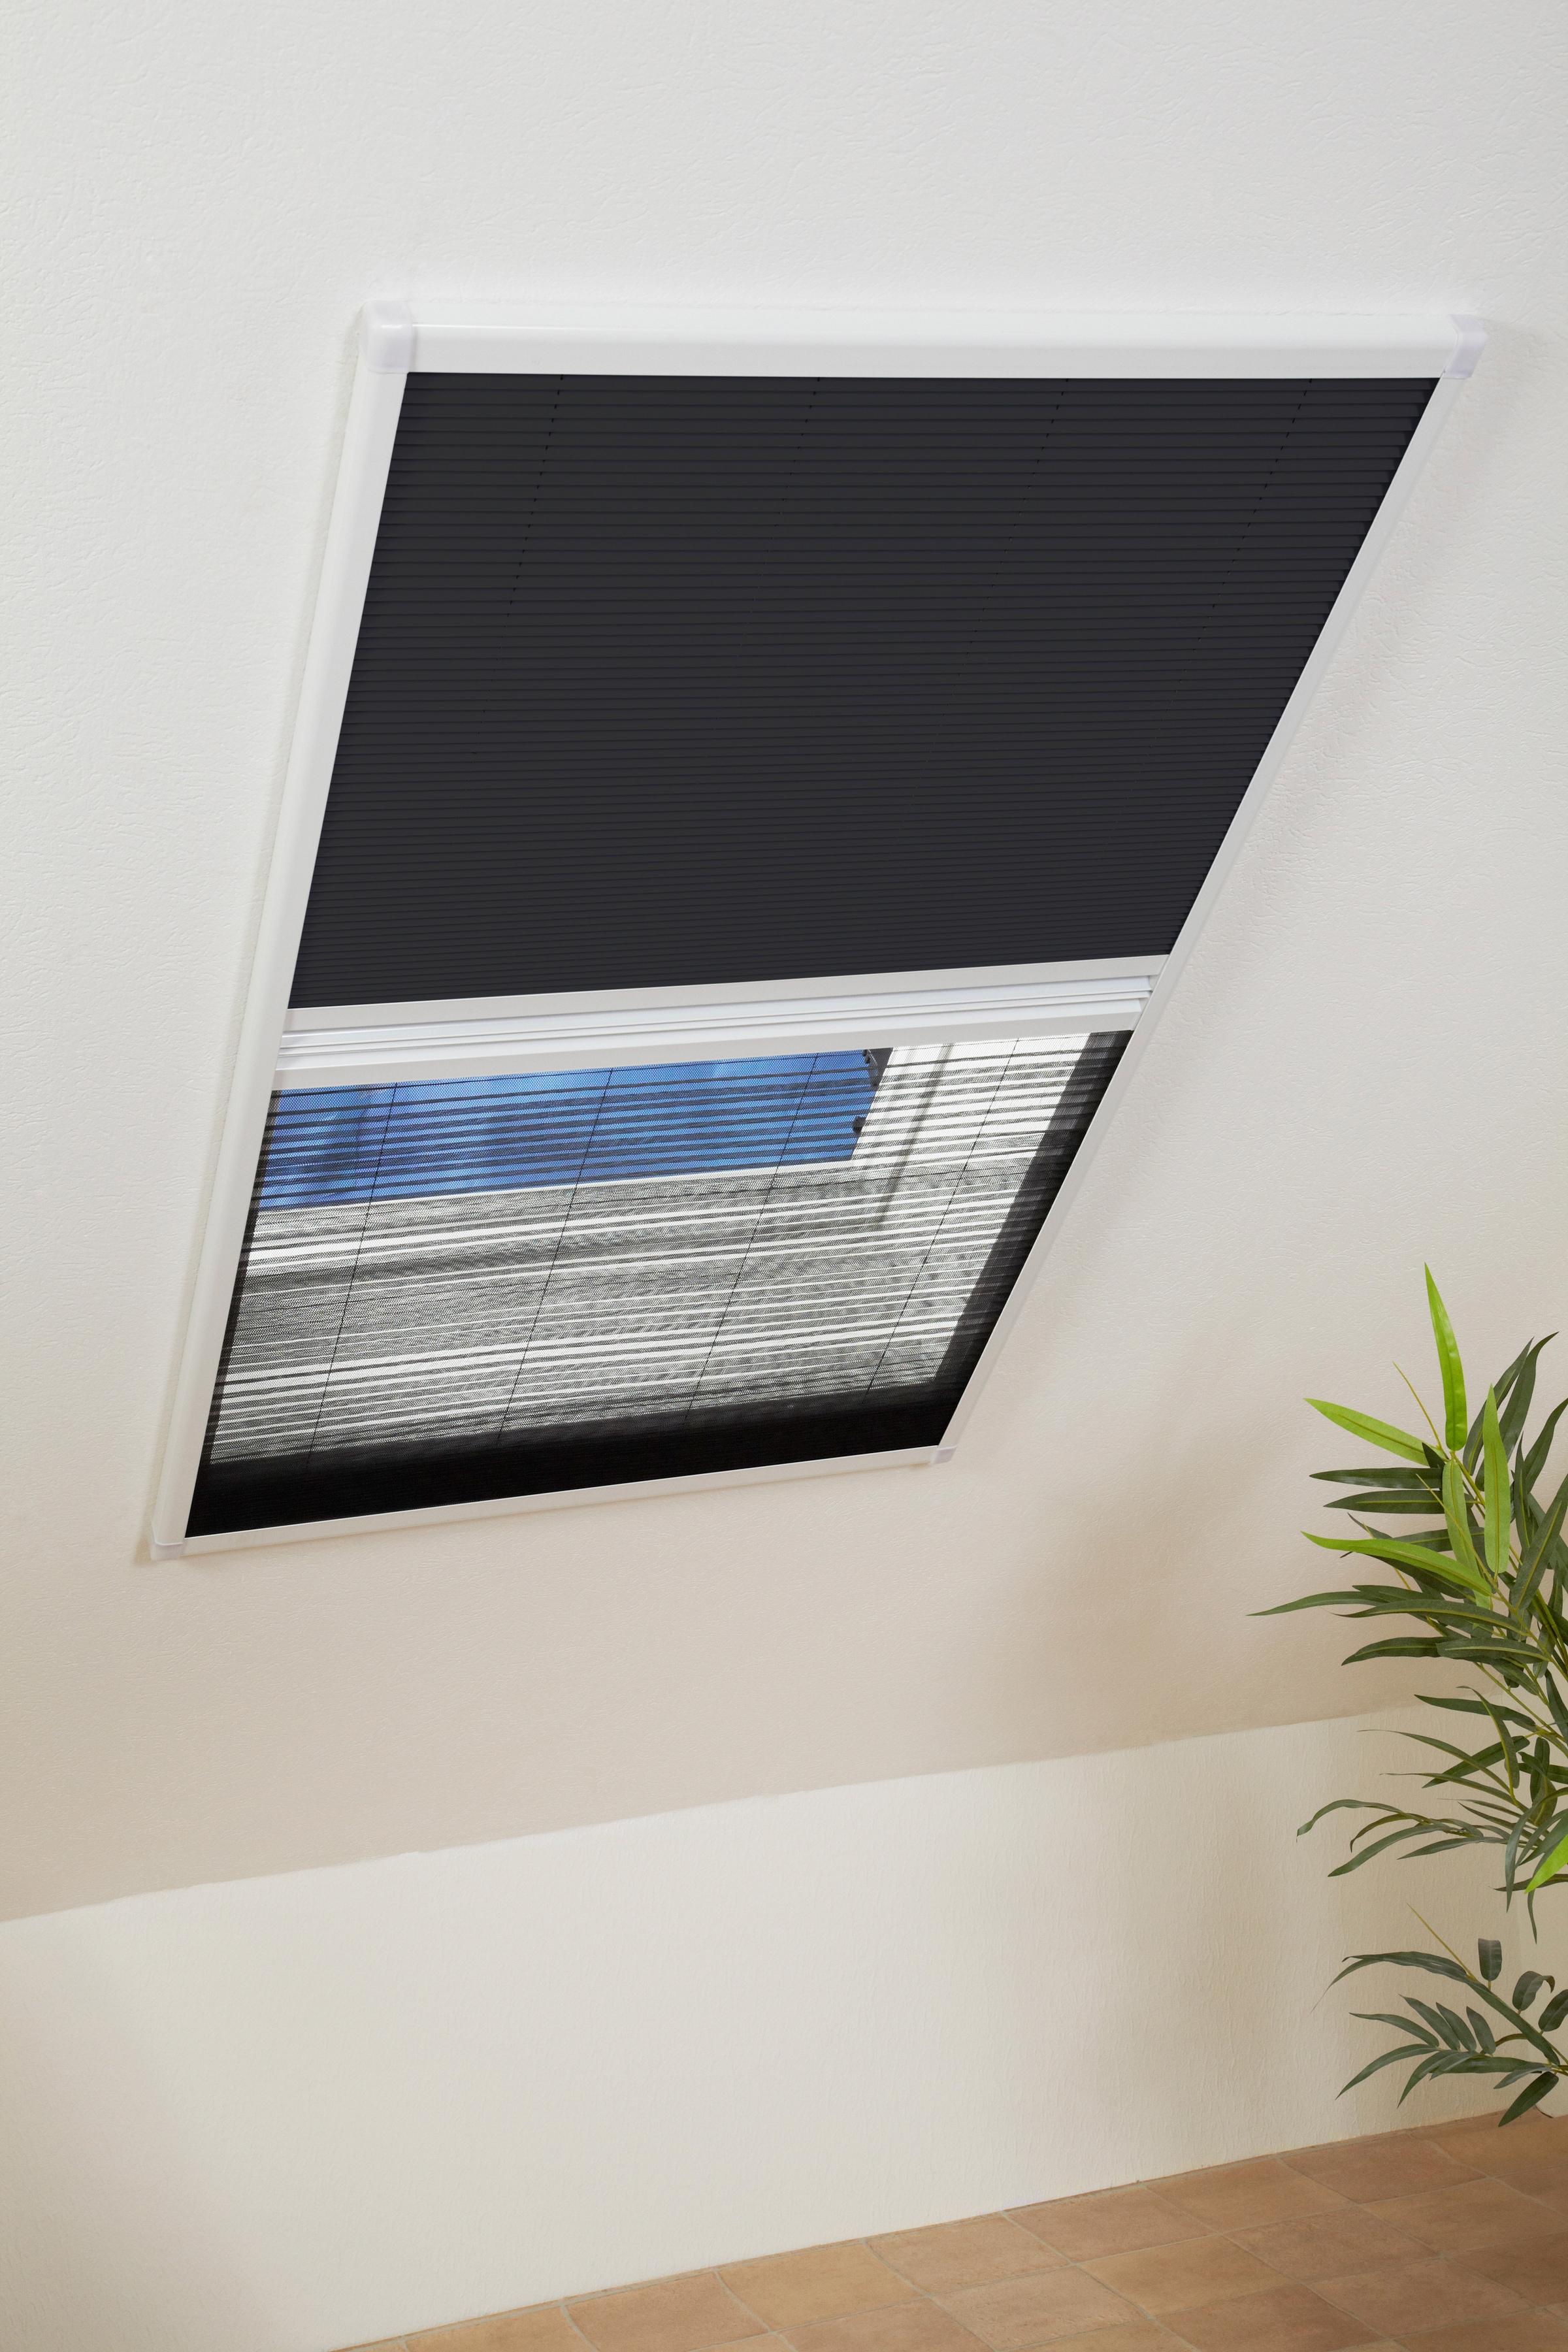 hecht international Insektenschutz-Dachfenster-Rollo, weiß/schwarz, BxH: 110x160 cm weiß Insektenschutzfenster Insektenschutz Bauen Renovieren Insektenschutz-Dachfenster-Rollo